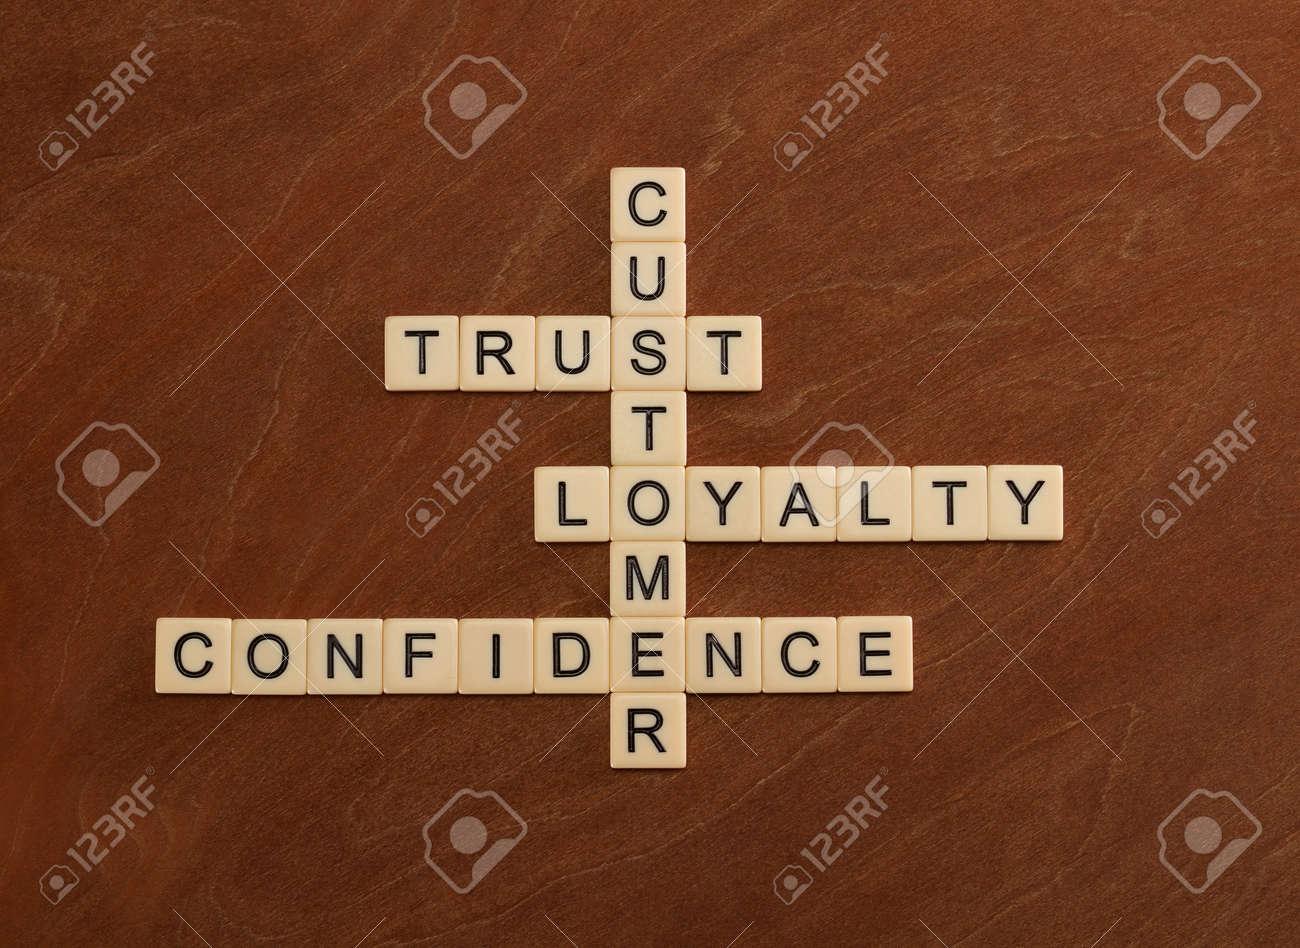 Immagini stock cruciverba con parole fiducia fedeltà fiducia